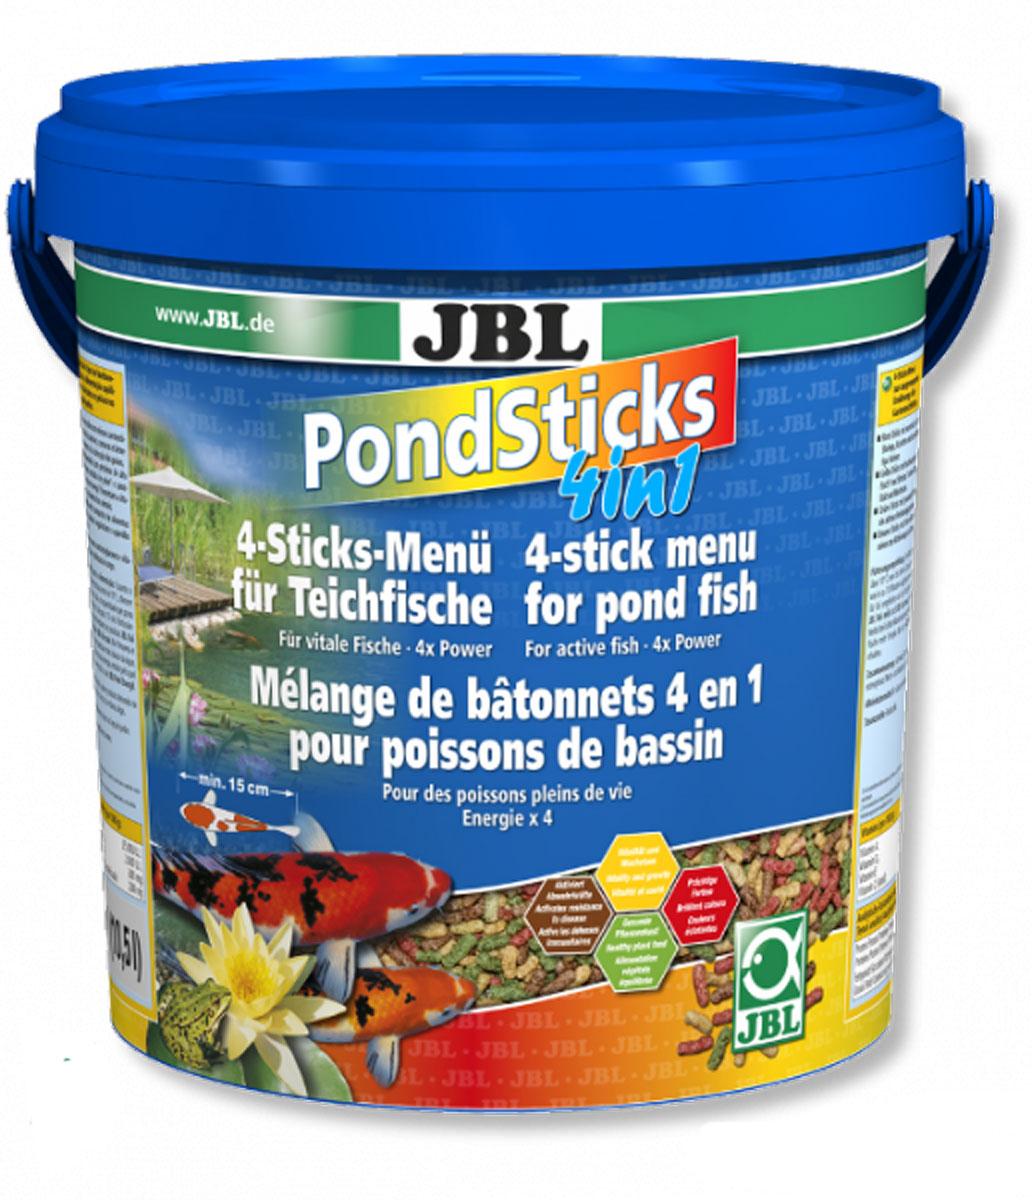 Корм JBL Pond Sticks 4in1 для всех прудовых рыб, в форме палочек, 1,68 кг (10,5 л)JBL4014700Корм JBL Pond Sticks 4in1 - это комплексное питание для всех прудовых рыб. Корм выполнен в виде палочек разного цвета: - красные - с каратиноидами и креветками для яркого окраса; - желтые - содержат зародыши пшеницы для энергии и роста; - черные - содержат B-глюкан, активирующий иммунитет; - зеленые - растительные, со специальными ингредиентами. Корм подходит для всех прудовых рыб размером от 15 см. Рекомендации по кормлению: при температуре воды 10° С кормить 1-2 раза в день в таком объеме, который может быть съеден в течение 10 минут. Состав: злаки, моллюски и ракообразные, овощи, водоросли, рыба и рыбные побочные продукты. Анализ: белки - 25%, жир - 4,5%, клетчатка - 4%, зола - 9%. Содержание витаминов на 1 кг: Витамин А 25000 I.E., Витамин D3 2000 I.E., Витамин Е 300 мг, Витамин C (стабильный) 200 мг. Товар сертифицирован.